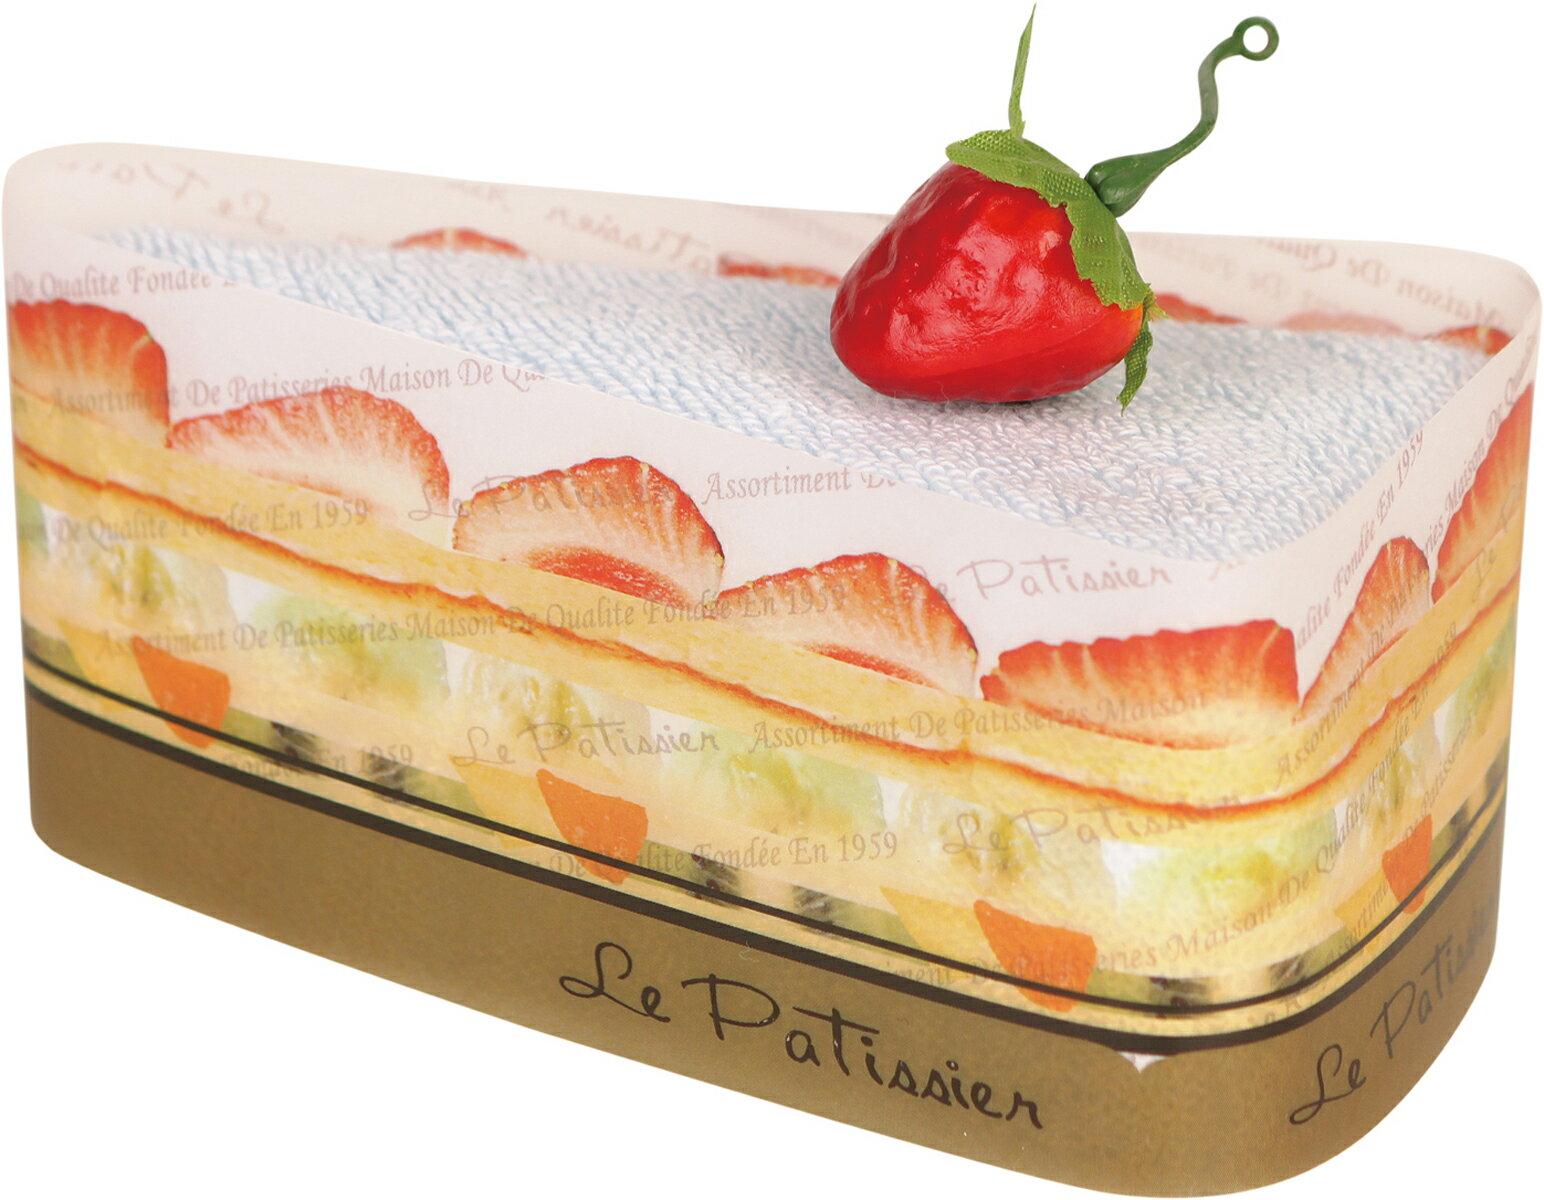 プレーリードッグ トライアングルケーキ ミント LPSR-7025【あす楽対応】【今治タオル】【ケーキタオル】【上質な肌触り】【日本製】【タオルギフト】【プチギフト】【簡易ラッピング済】 見た目に美味しく、貰って嬉しいタオルギフト。 お返しにぴったりのプチギフト。